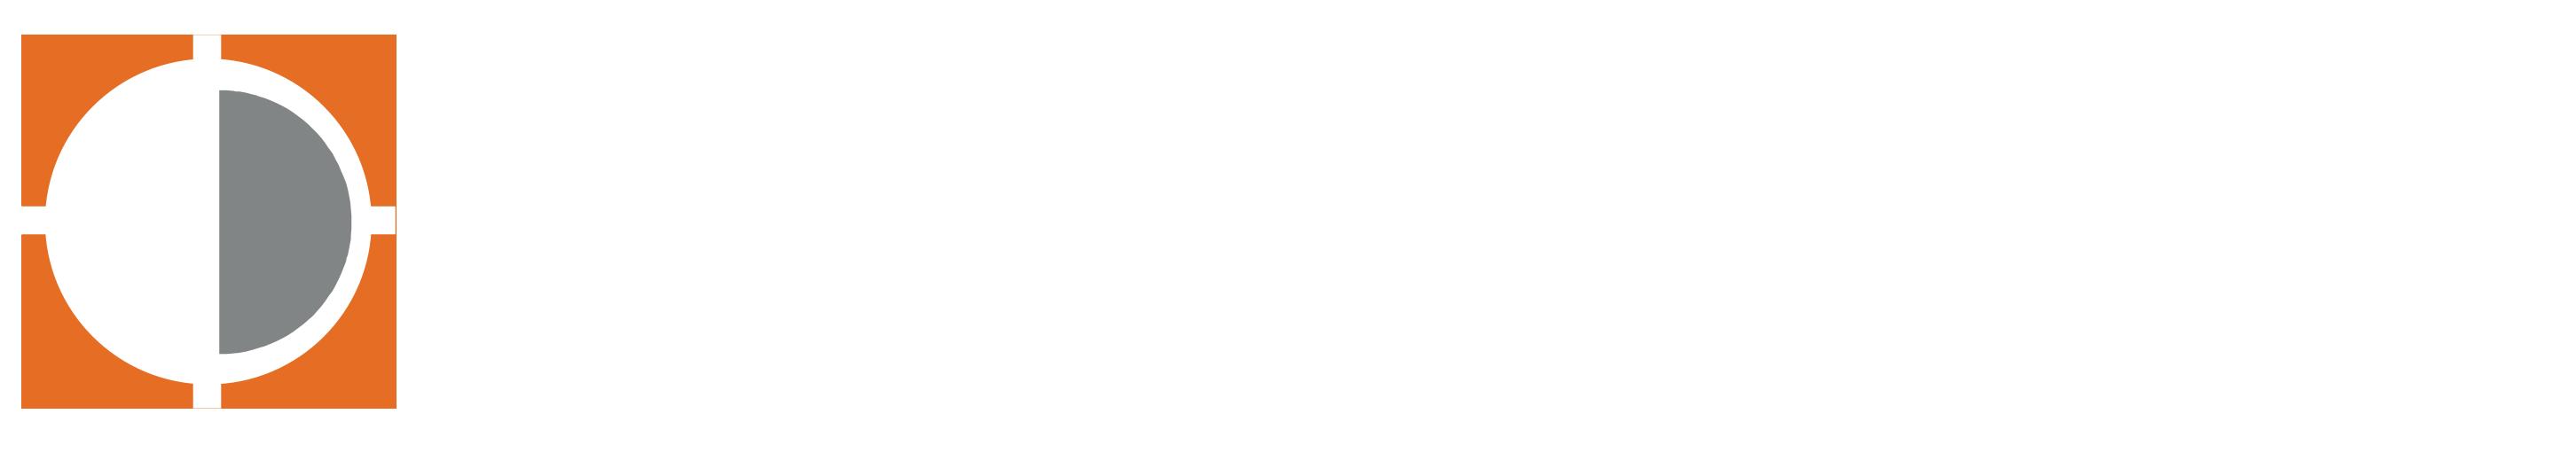 Central Projectos - Consultores de Projeto